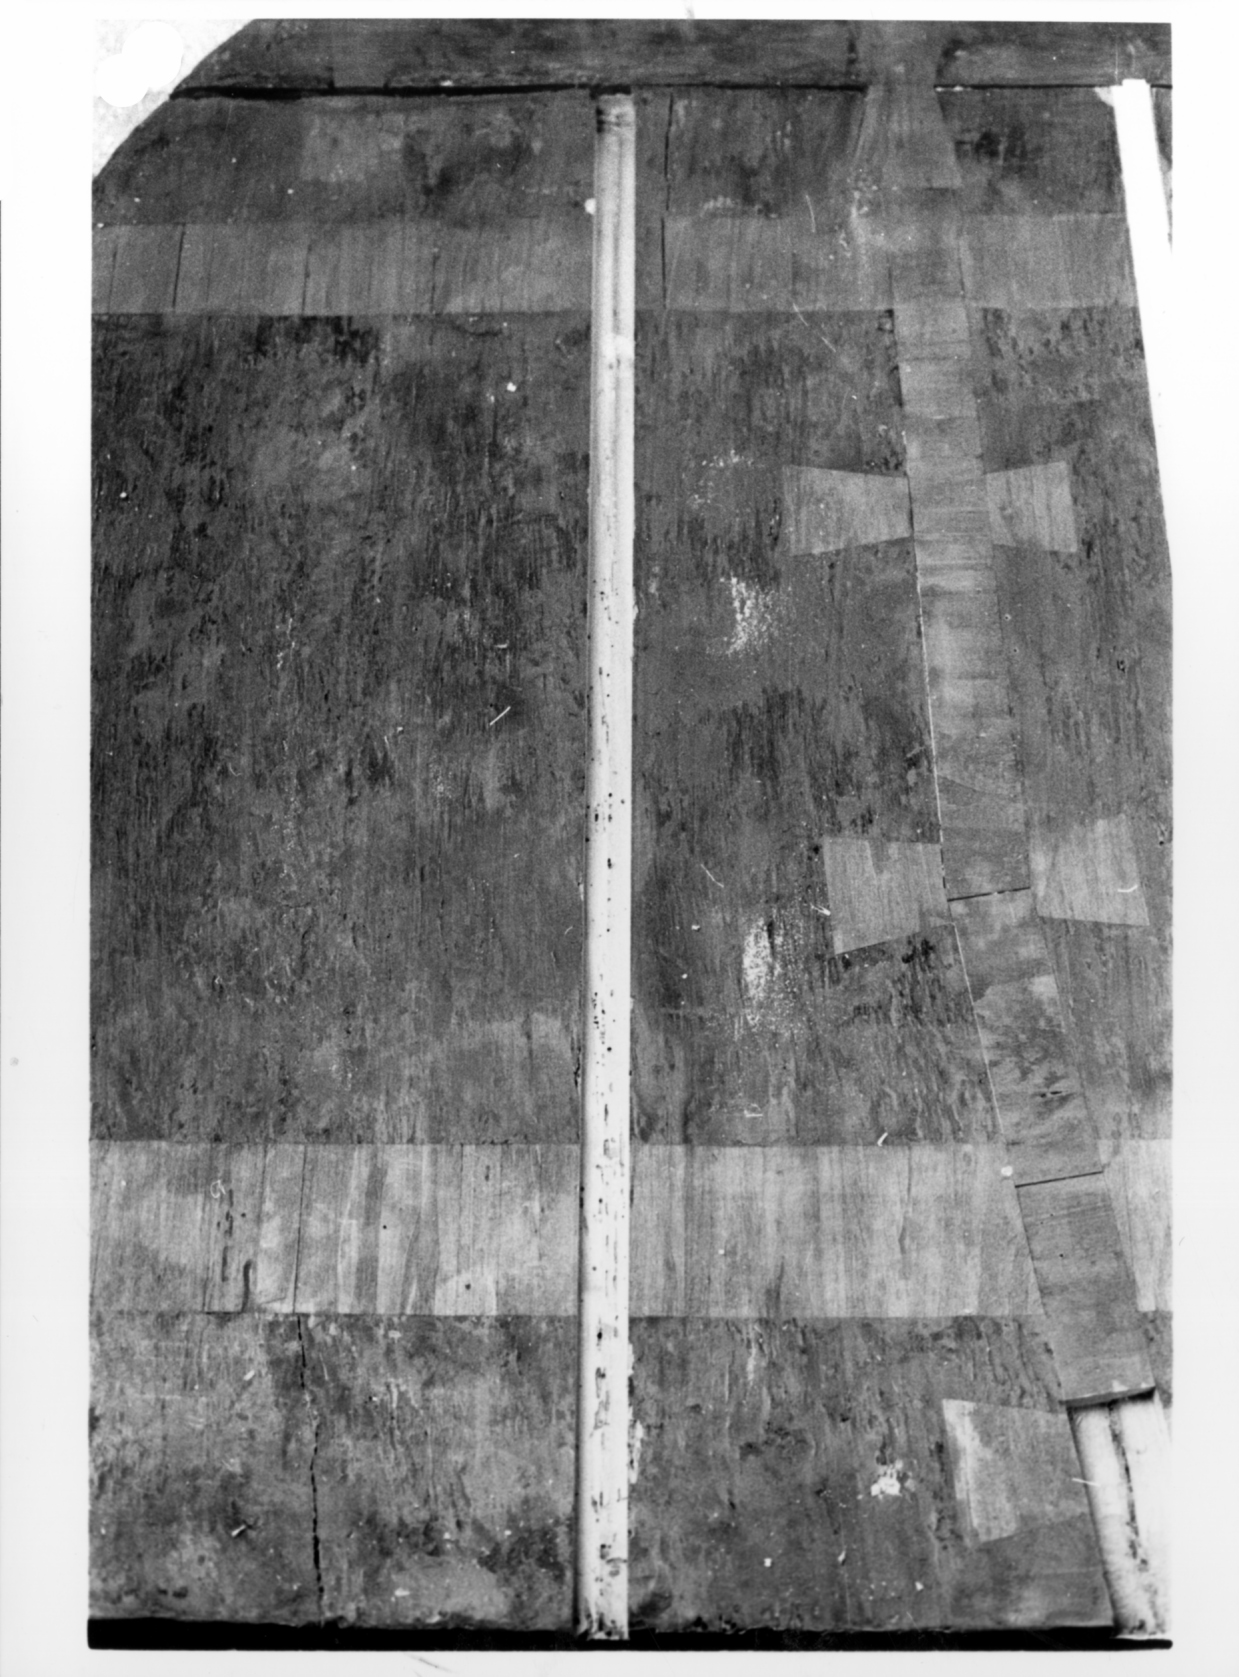 Crocifissione, Crocifissione di Cristo (dipinto, opera isolata) di Boccati Giovanni (terzo quarto sec. XV)